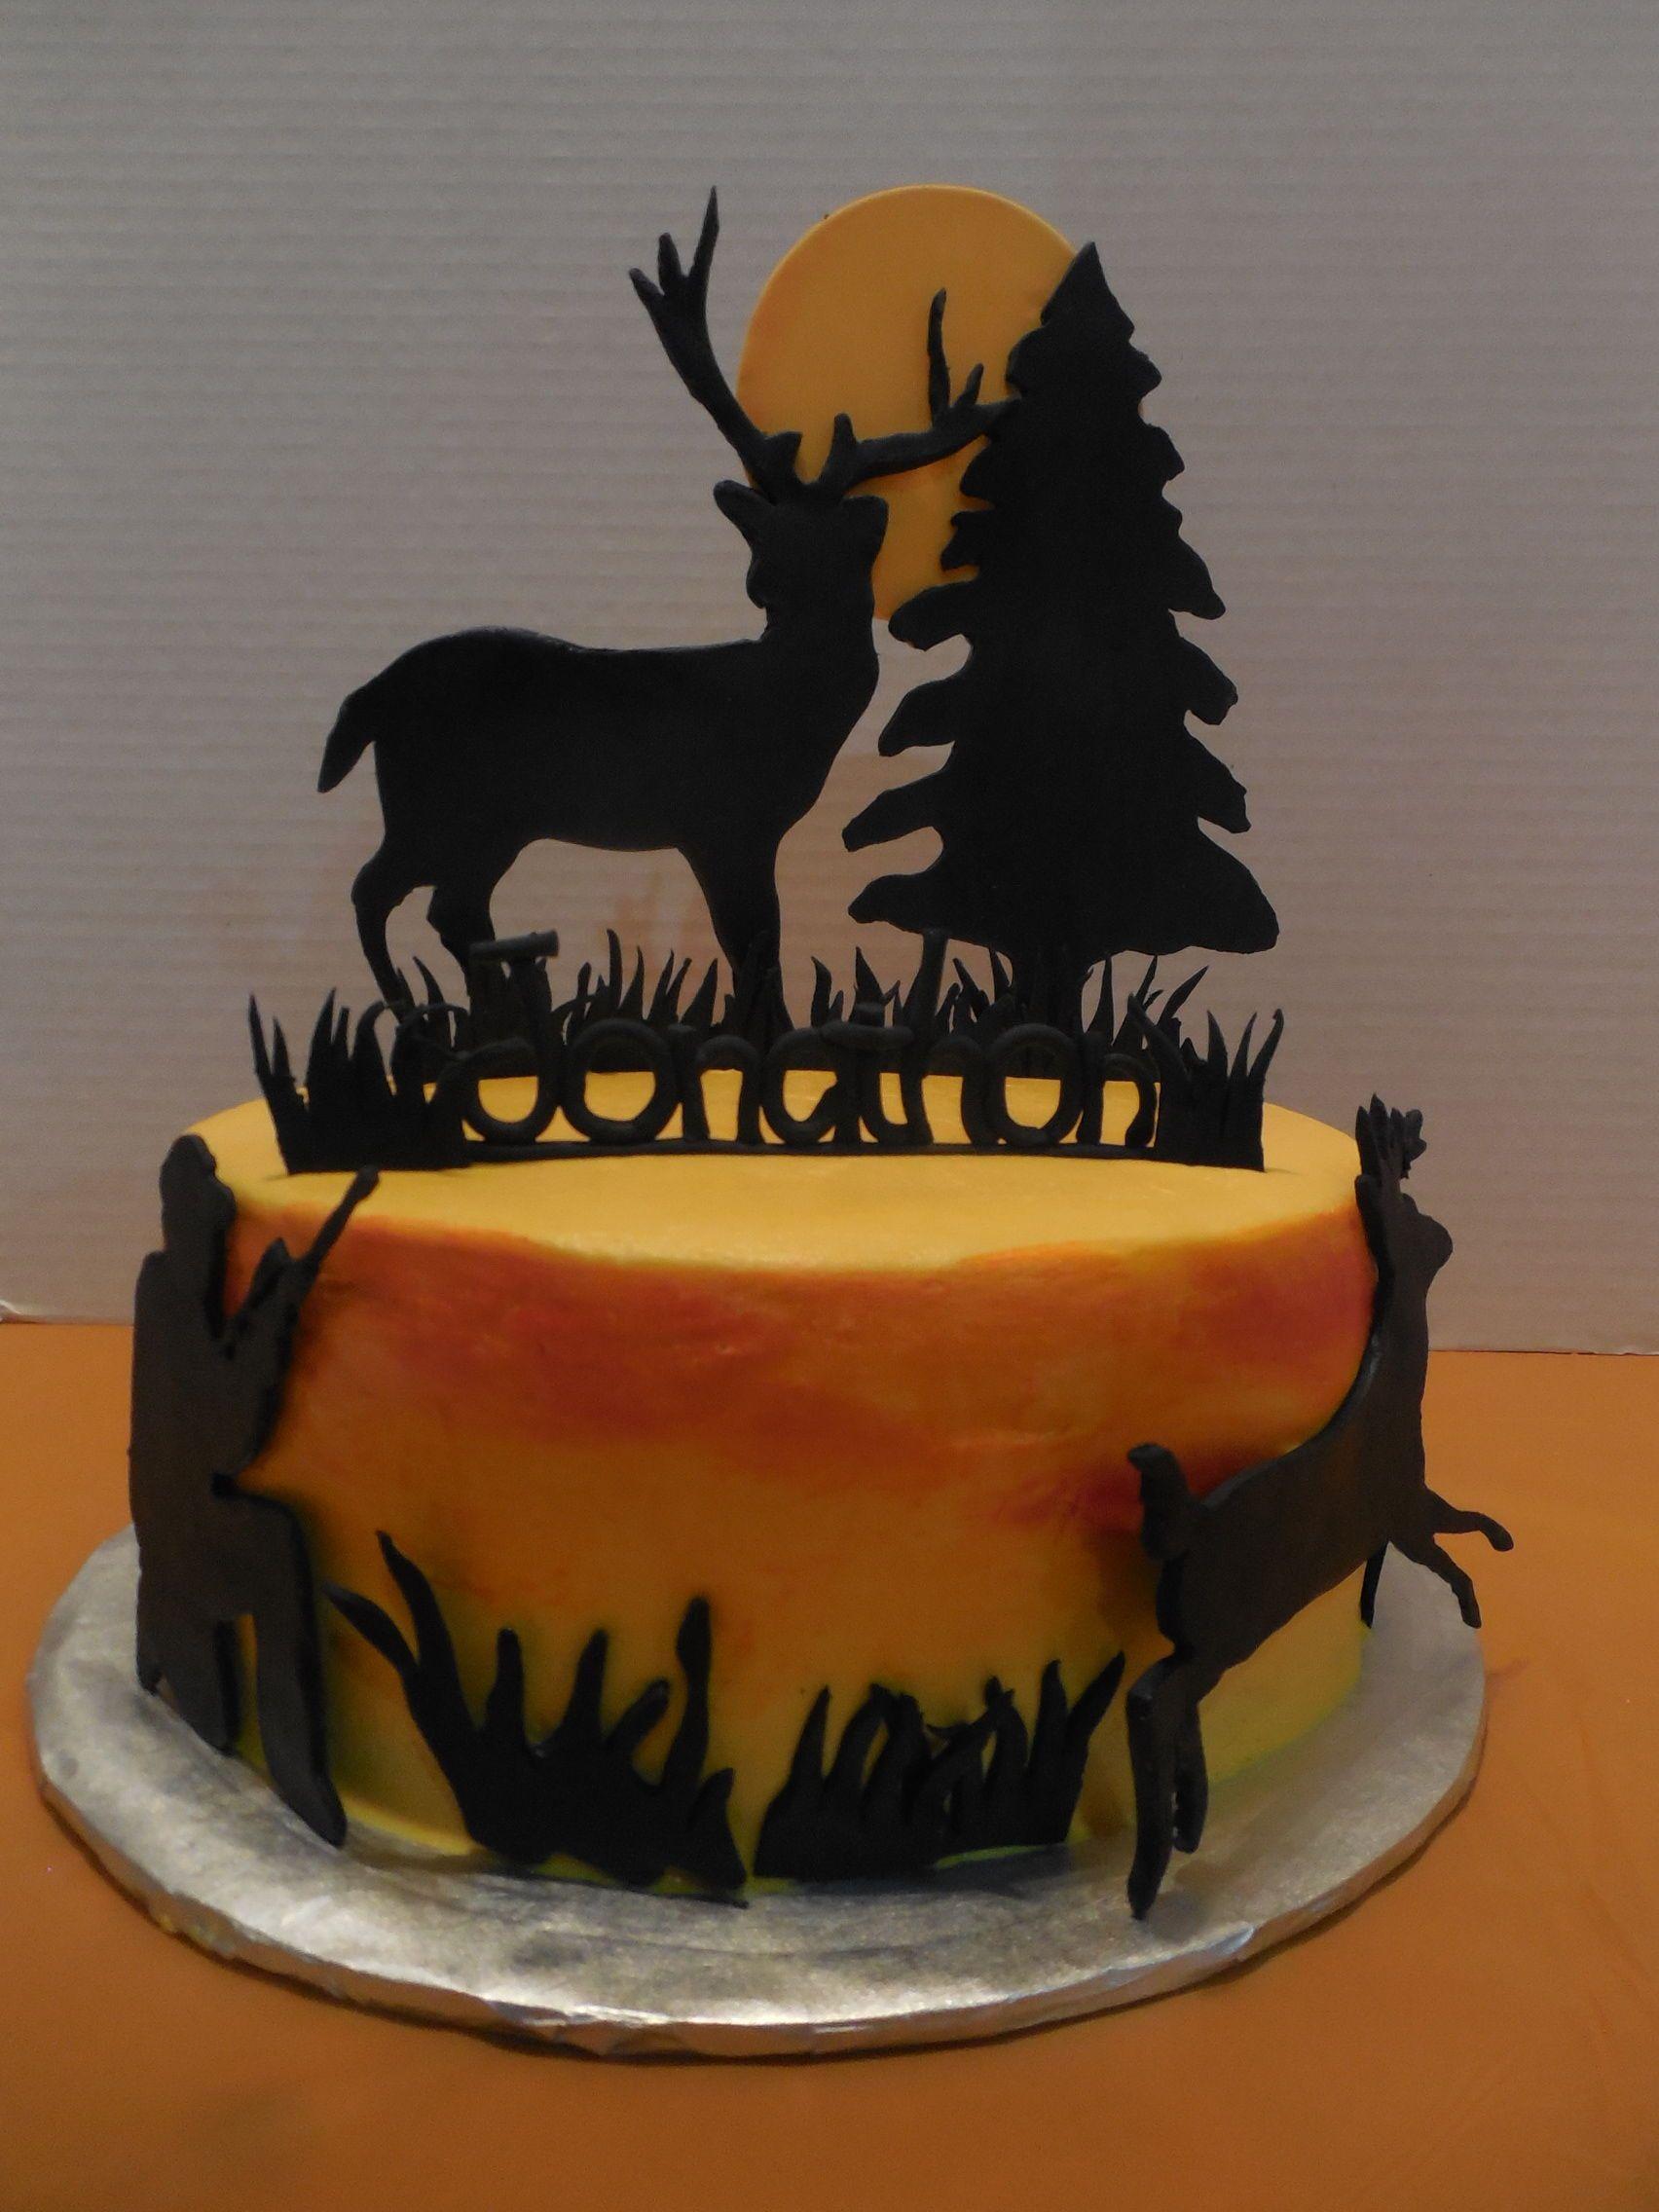 Tremendous Deer Hunting Cake Hunting Cake Deer Hunting Cake Hunting Funny Birthday Cards Online Elaedamsfinfo